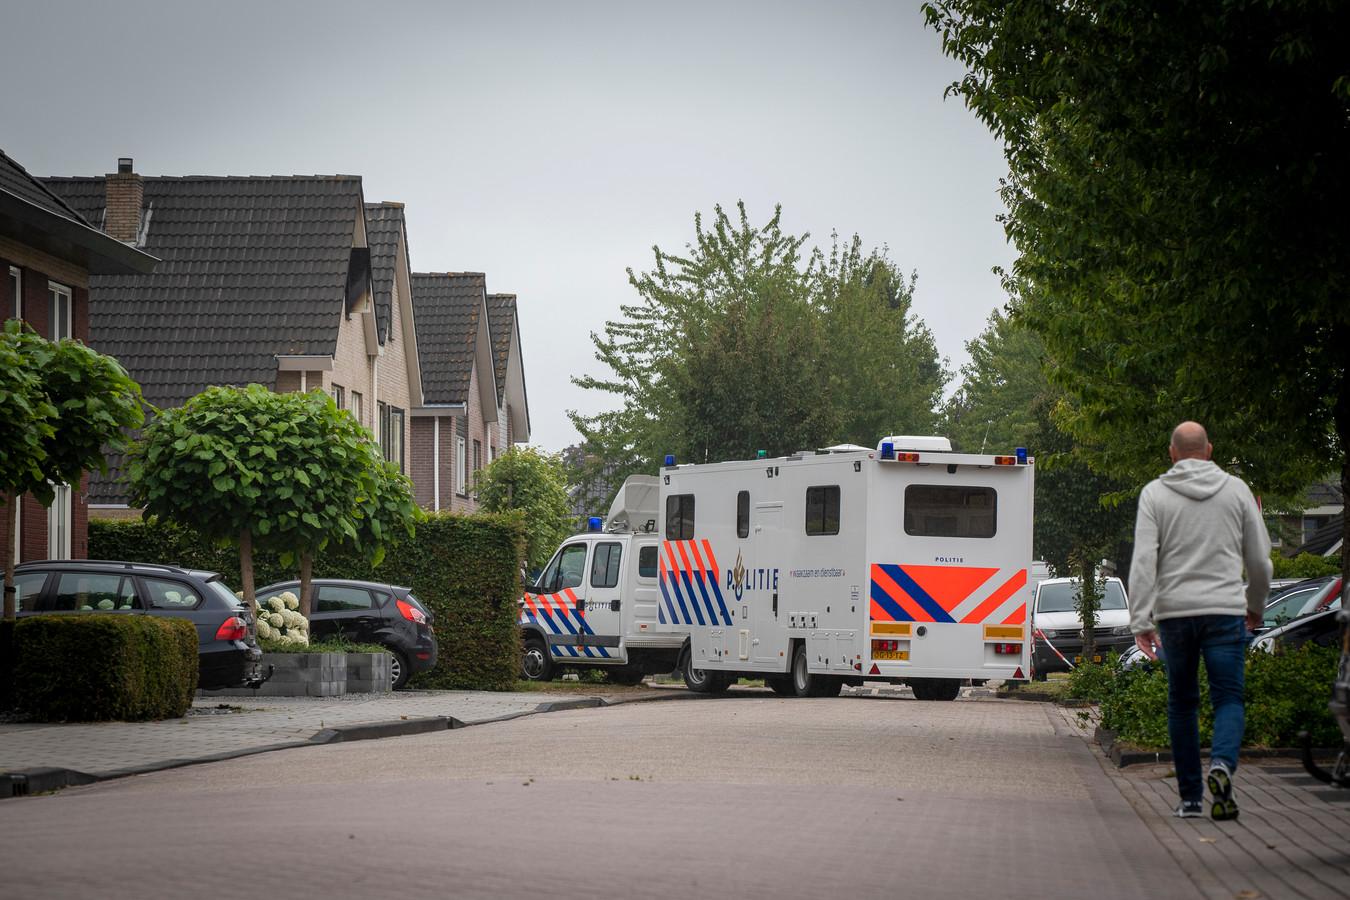 Bij de woningbrand in Nieuwleusen kwam zondagochtend een 22-jarige leerling van het Eindhovense Summa College om het leven.